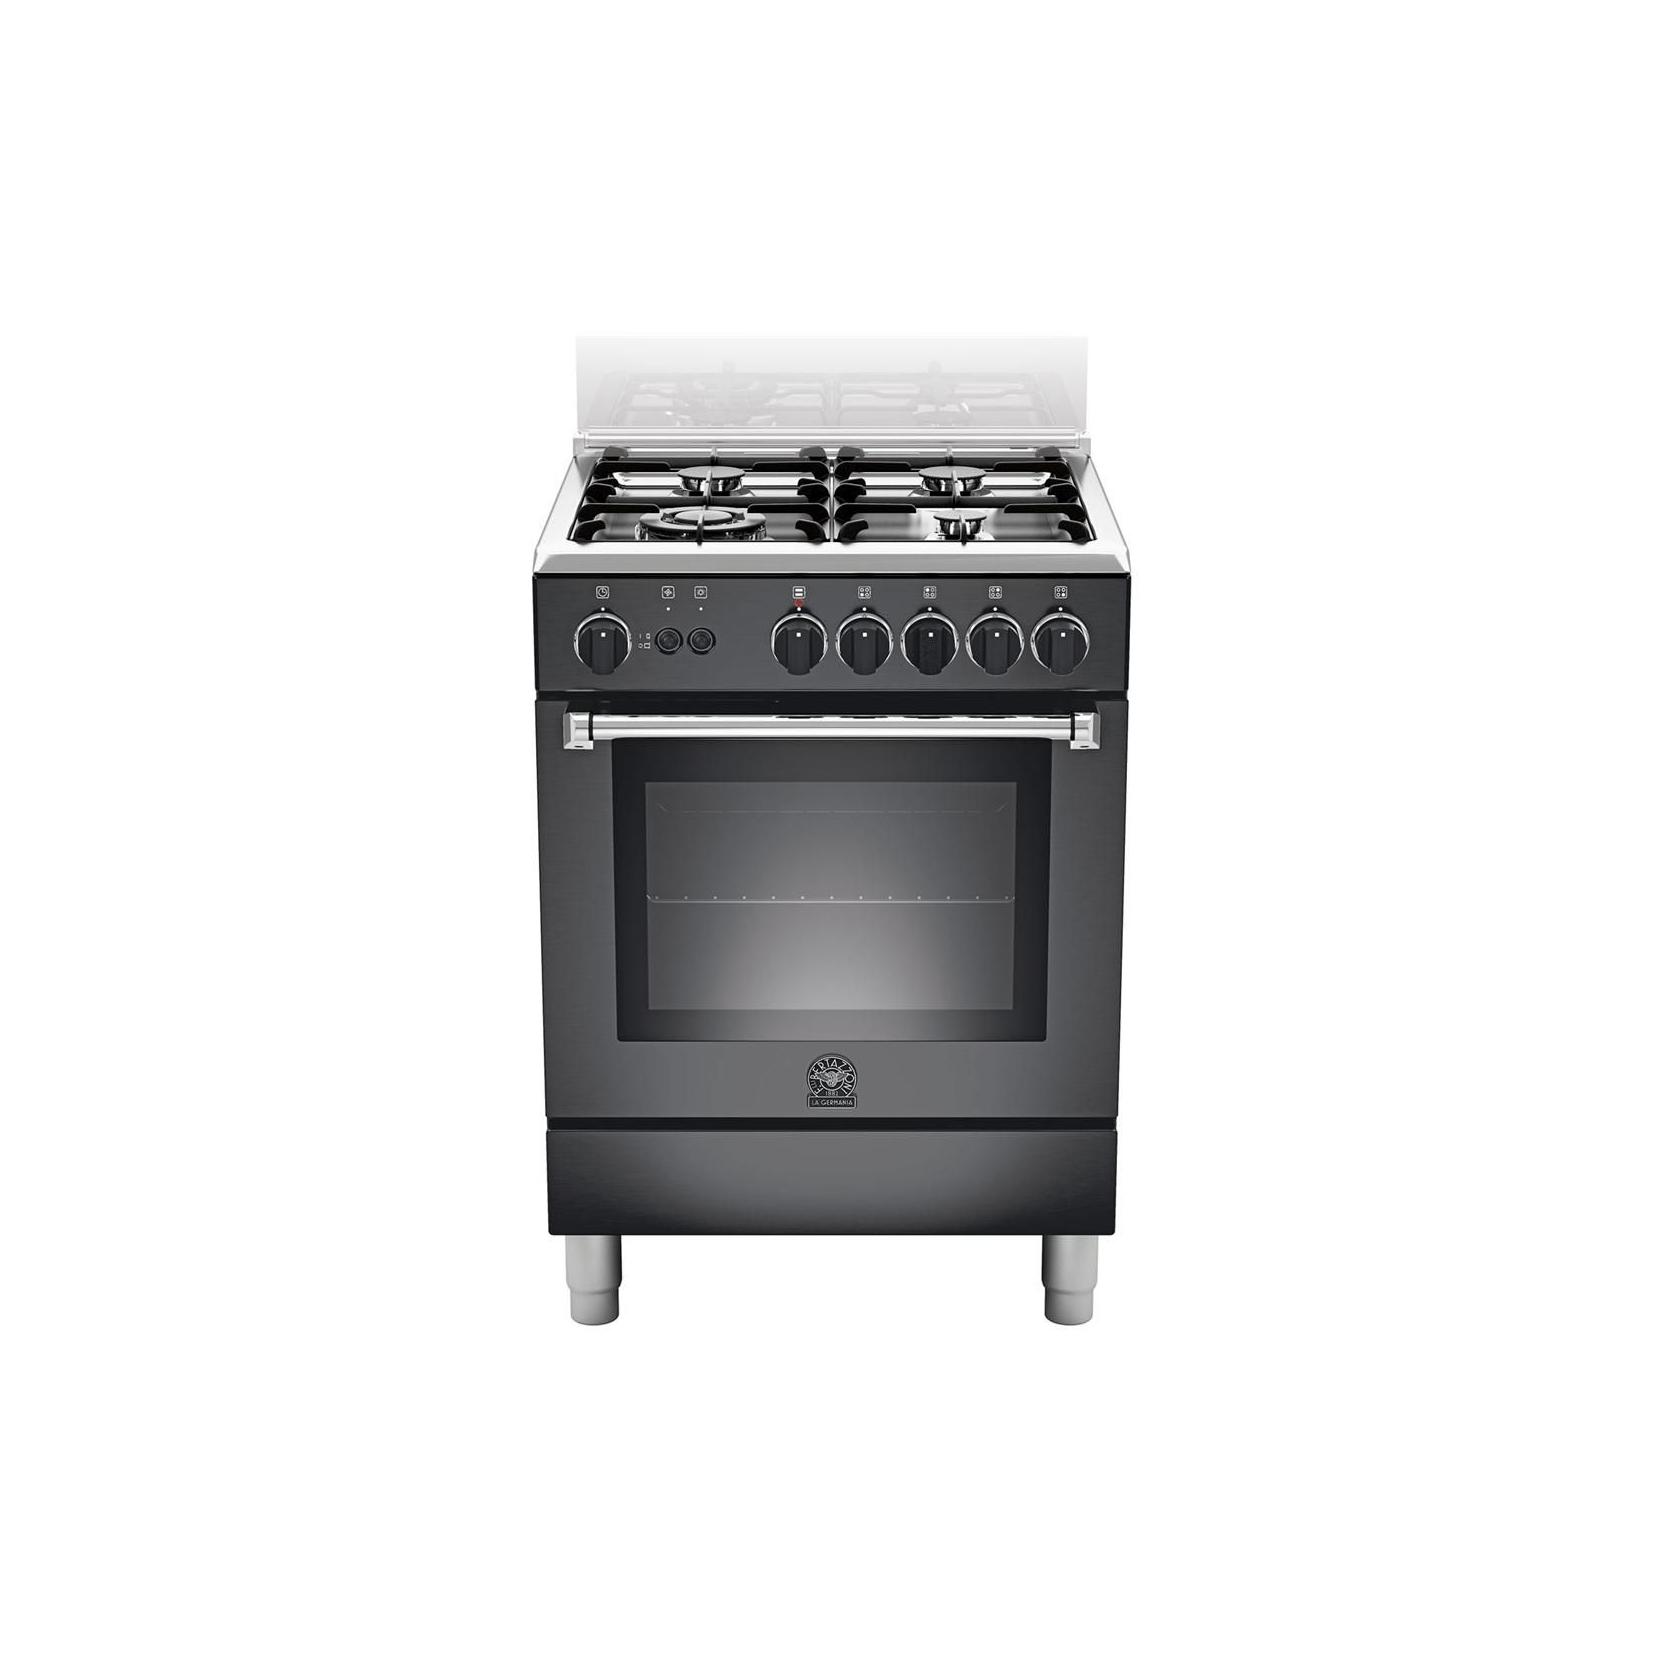 Cucina la germania am64c61cnet 60x60 colore nero forno - Cucine a gas con forno elettrico ...